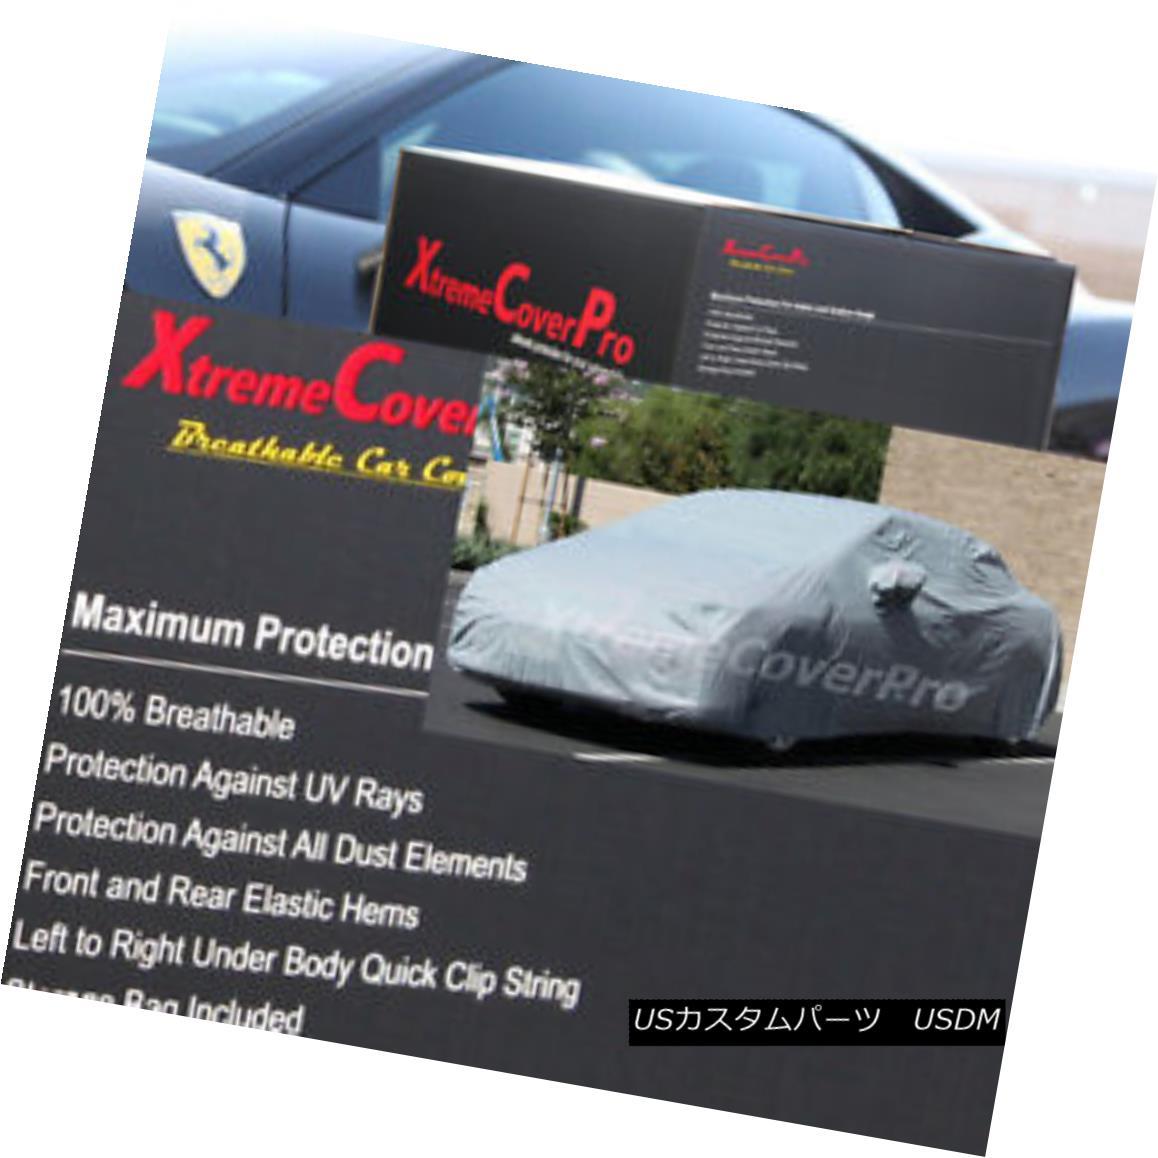 カーカバー 1997 1998 1999 Pontiac Grand Prix Breathable Car Cover w/MirrorPocket 1997年1998年1999年ポンティアック・グランプリ通気性車カバー付き(MirrorPocket)